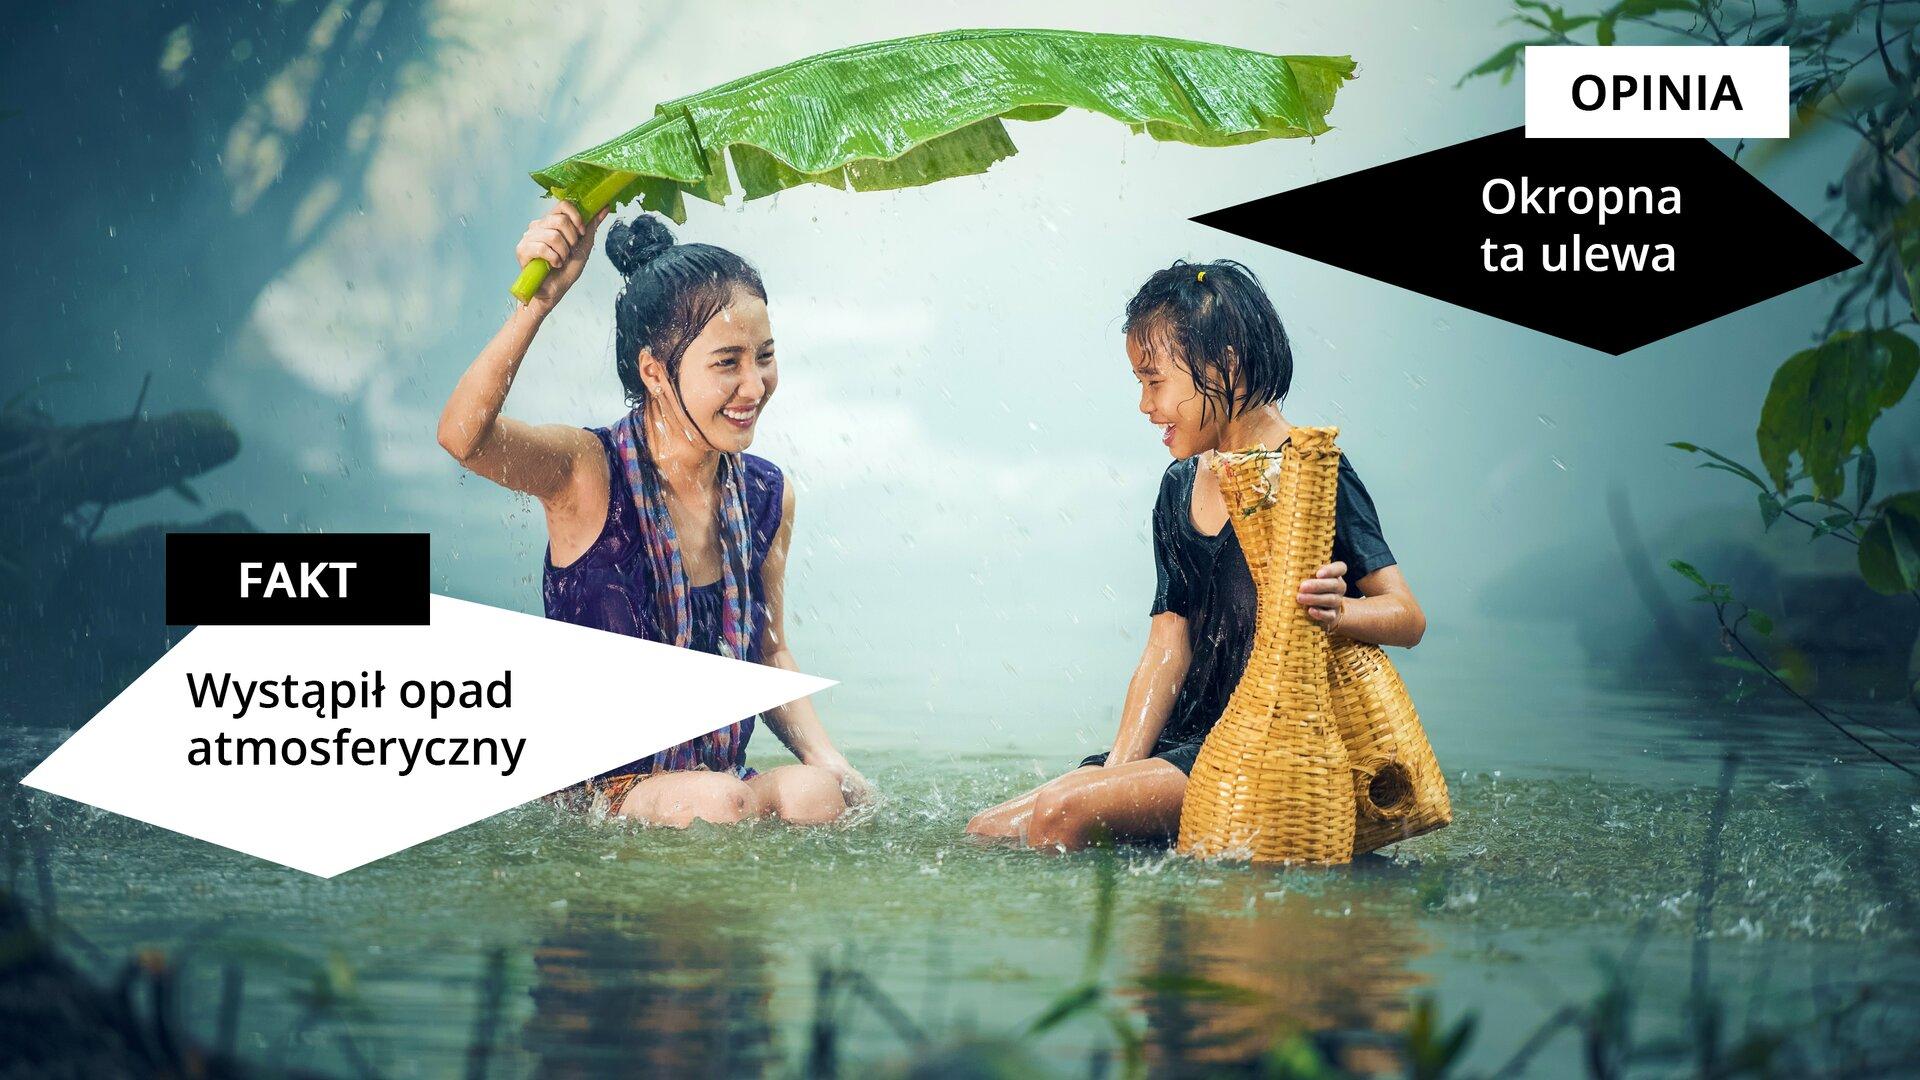 """Wprostokątnym polu wczarnej ramce widzimy ilustrację przedstawiającą dwie kobiety siedzące wkałuży, podczas opadów deszczu. Po lewej stronie widzimy kobietę wniebieskiej bluzce bez rękawów zmokrymi włosami, która trzyma nad głową wielki zielony liść. Poniżej znajduje się czworobok znapisem """"FAKT: Wystąpił opad atmosferyczny"""". Po prawej stronie wgórnej części ilustracji znajduje się czworobok znapisem: """"OPINIA: Okropna ta ulewa"""". Poniżej widzimy kobietę zmokrymi włosami wczarnej mokrej bluzce, trzymającą wrękach dwa wiklinowe pojemniki."""